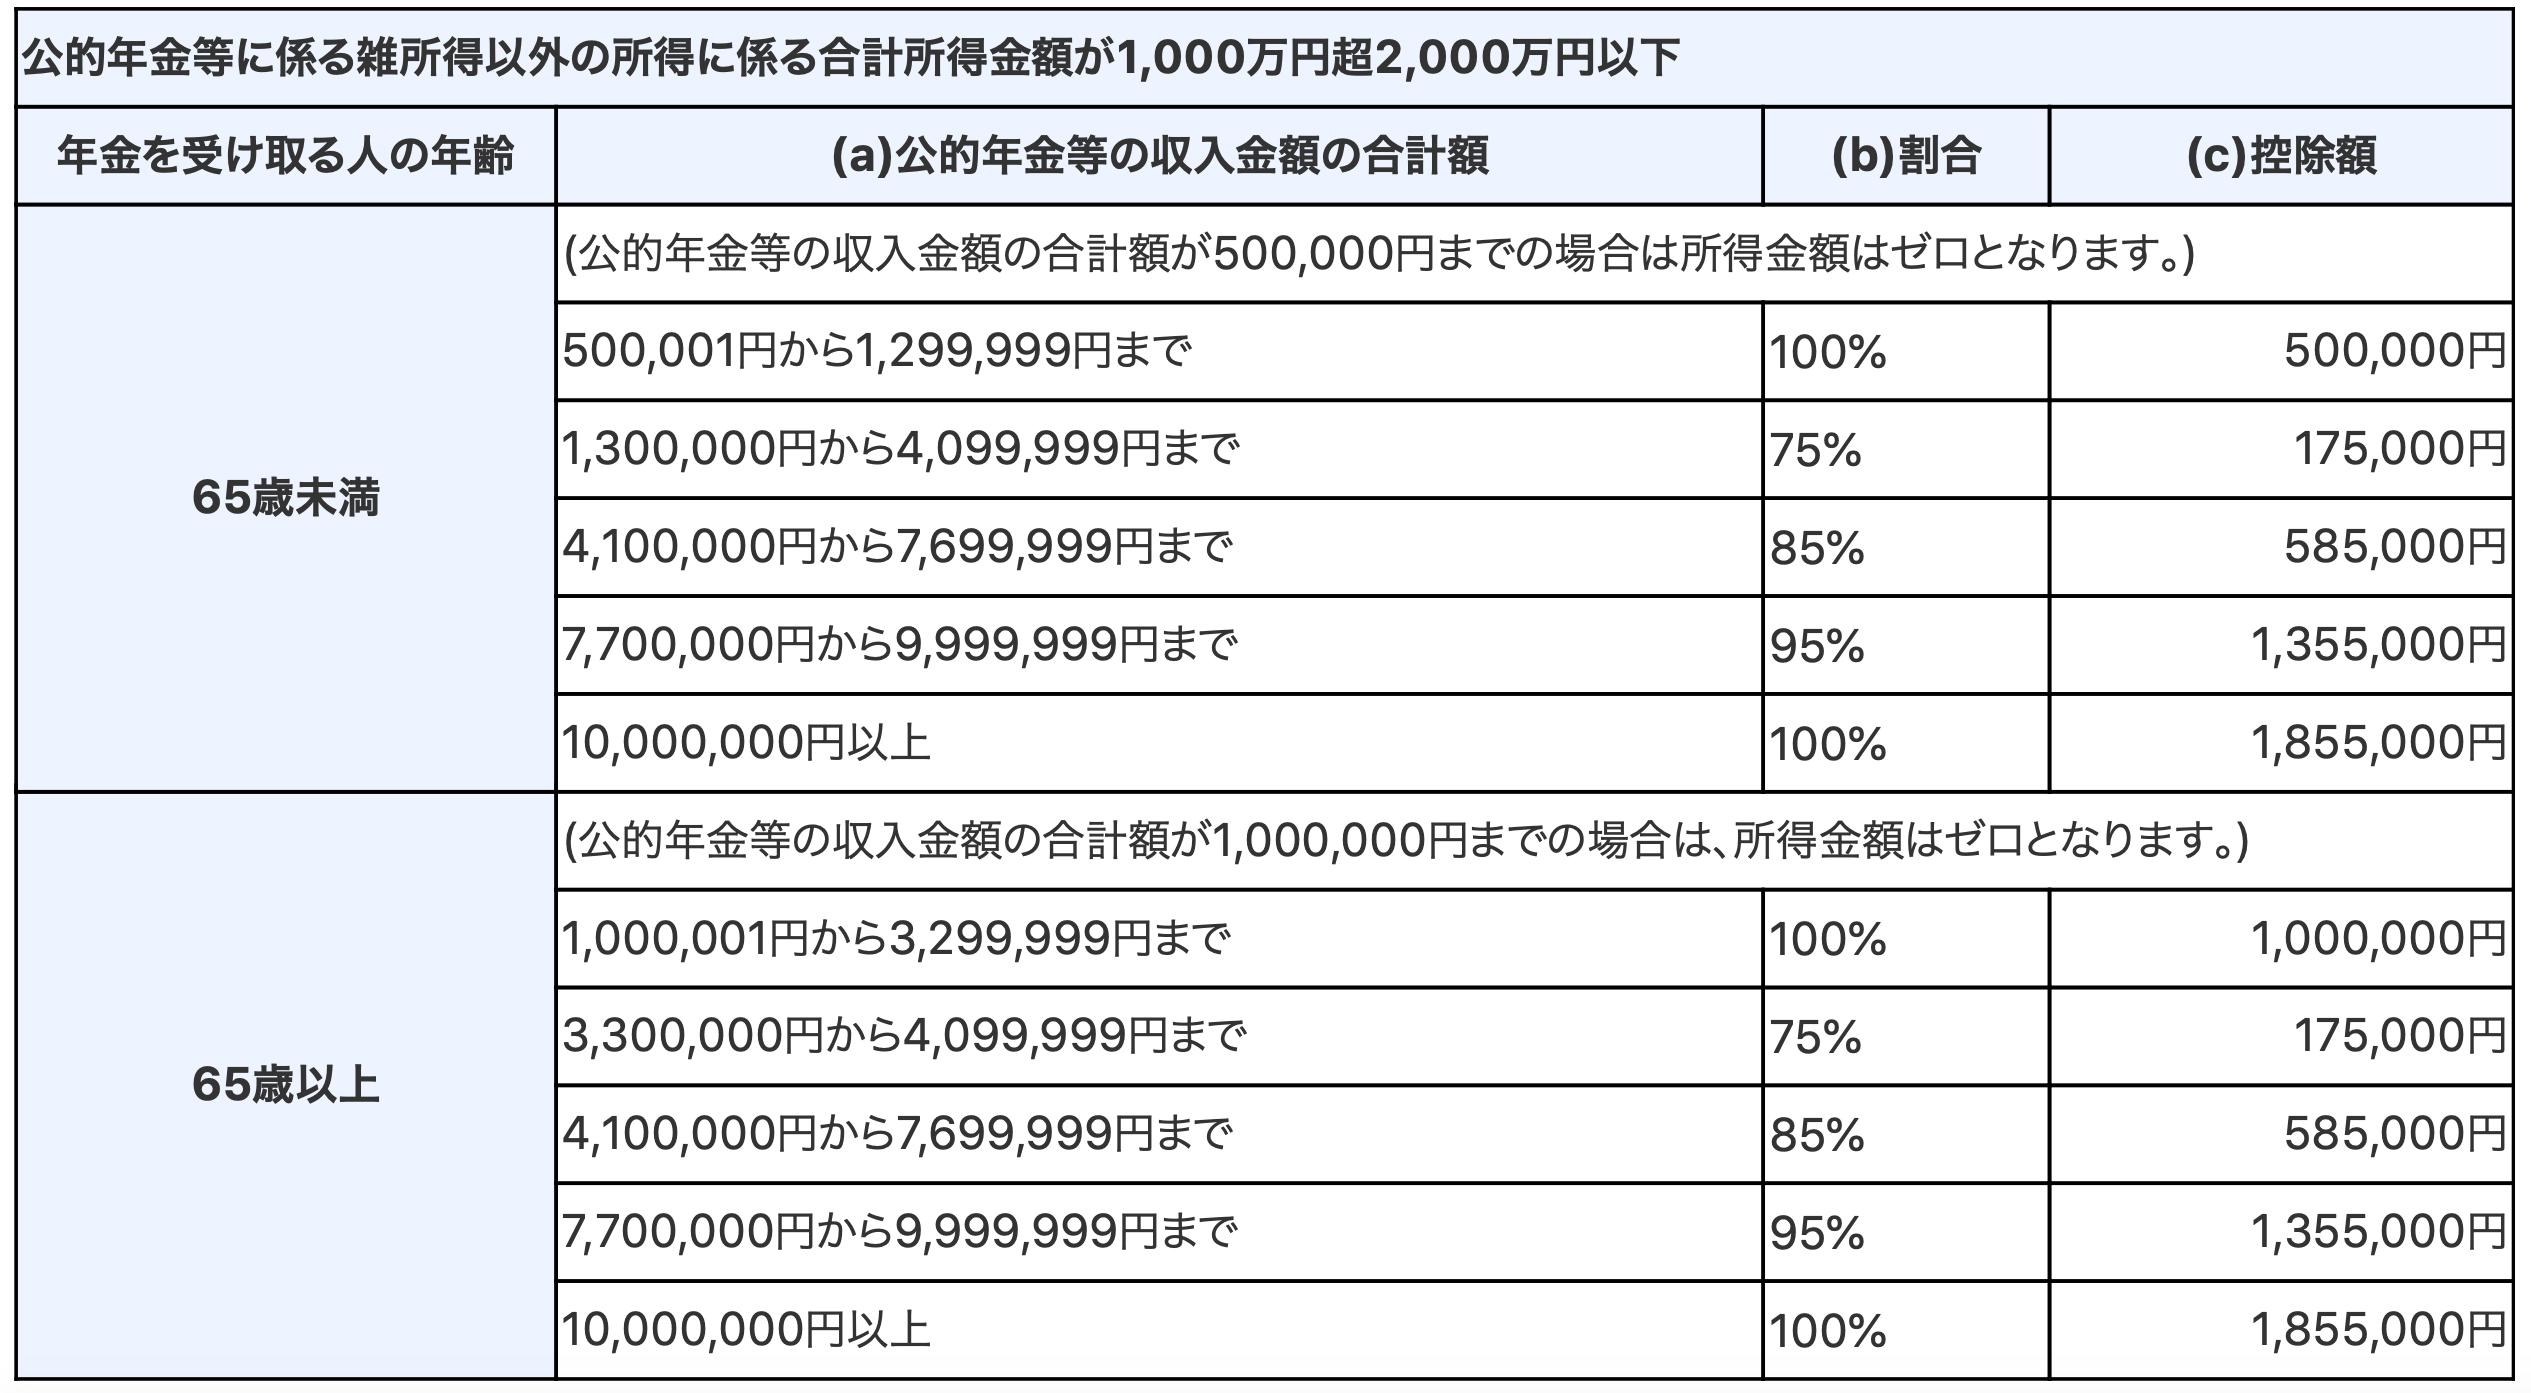 公的年金等の雑所得 控除表 令和2年以降2